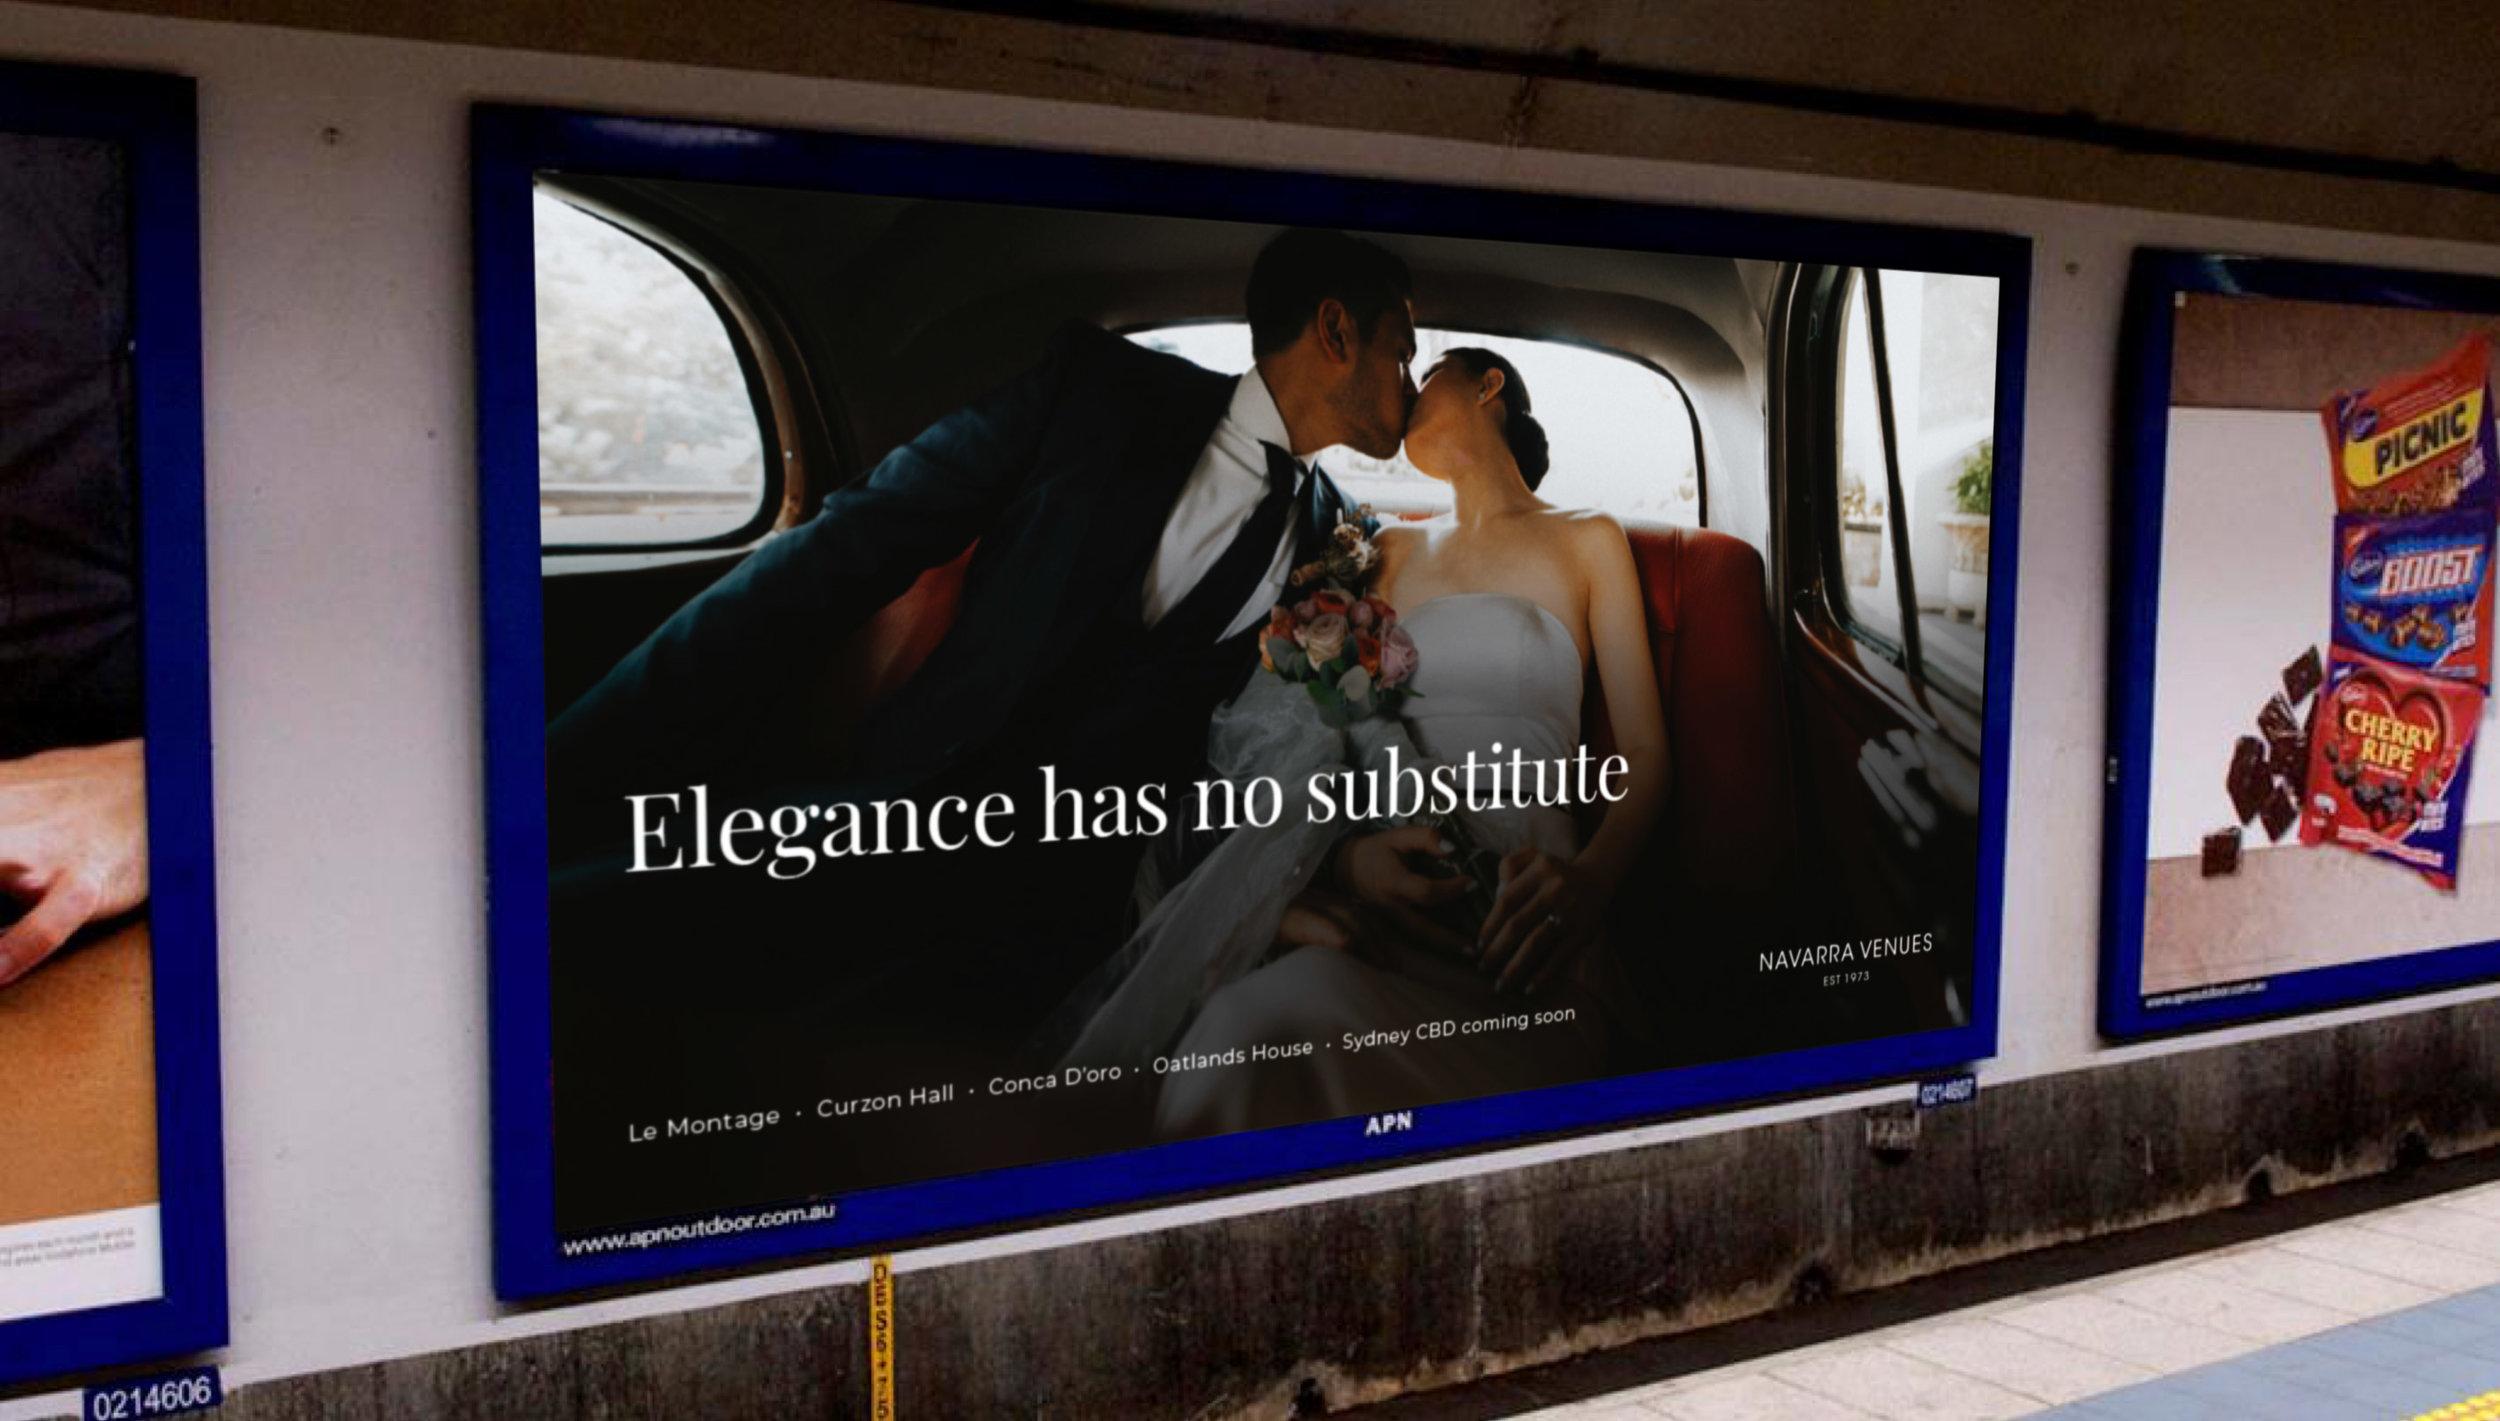 city-rail-billboard-2.jpg